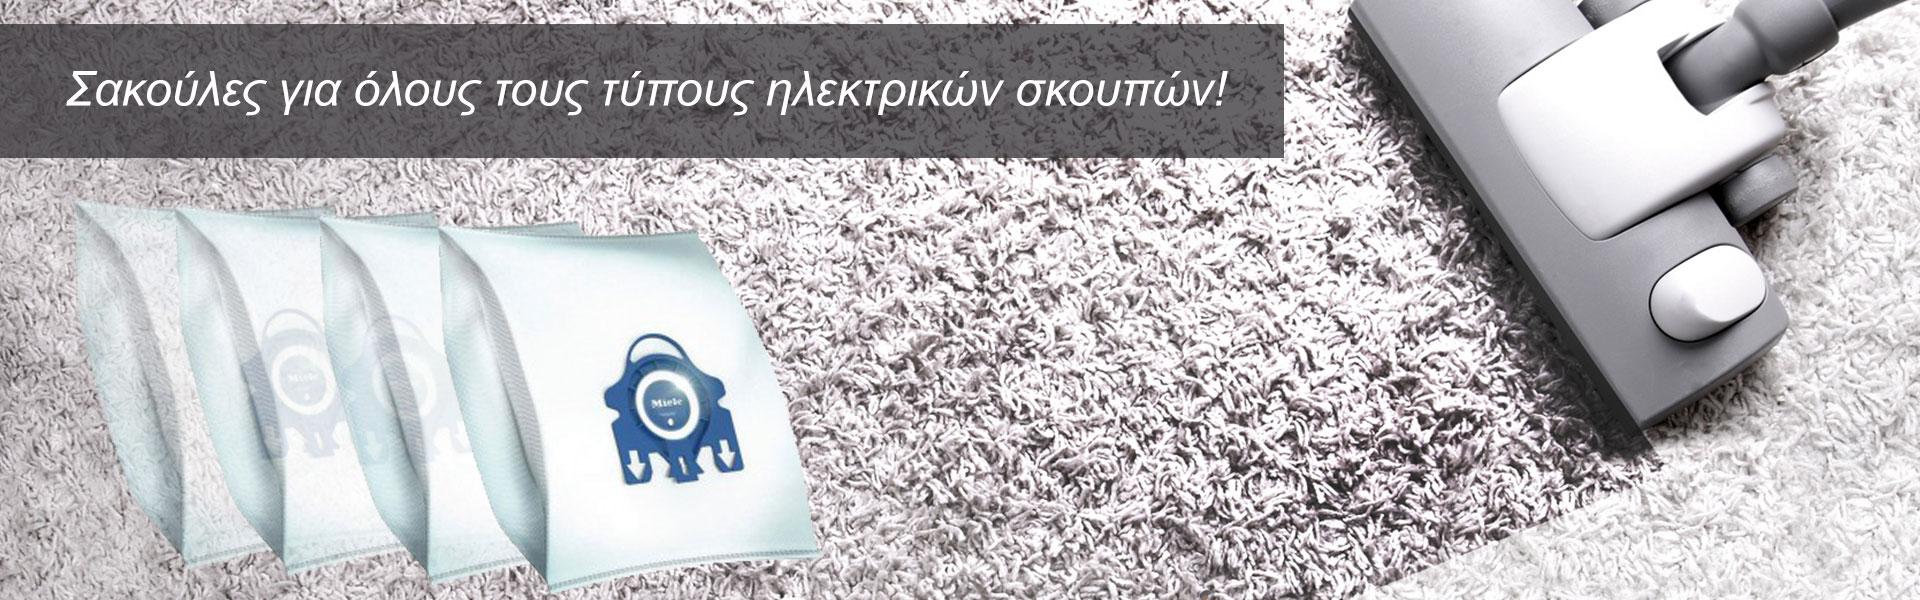 sakoules-skoupas-banner.jpg